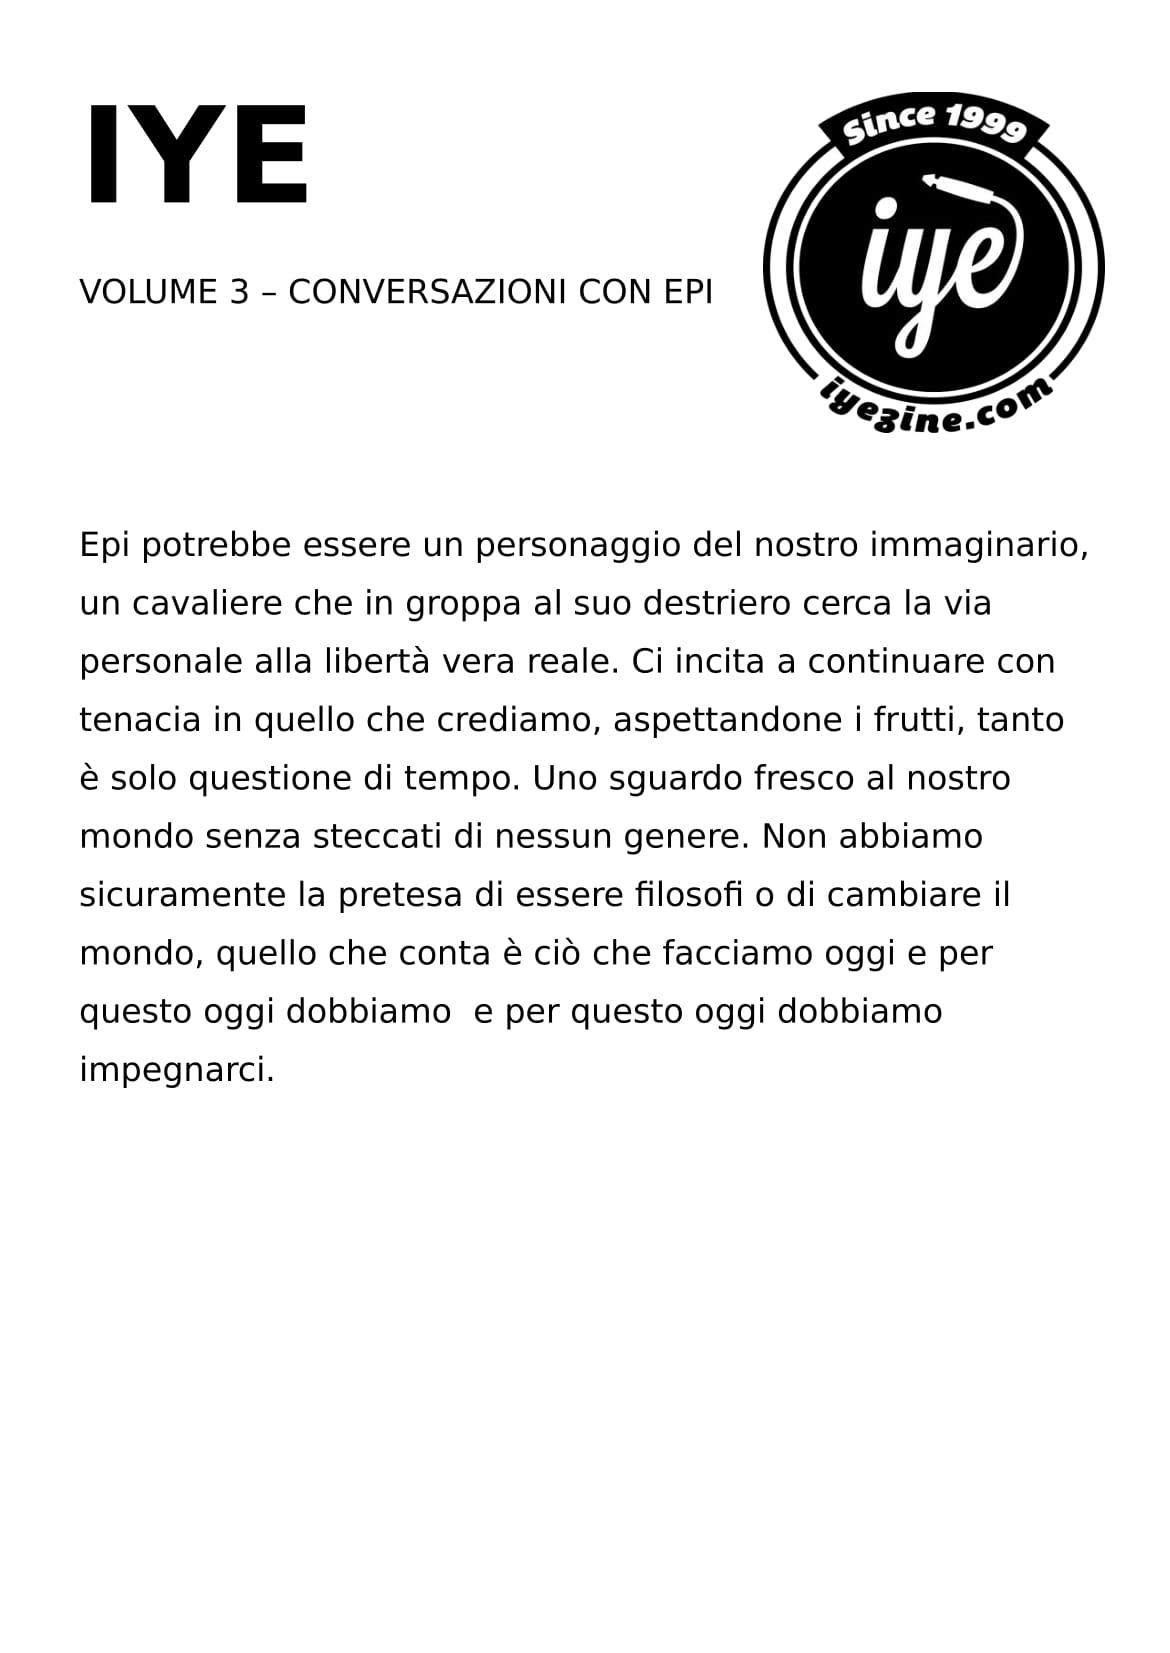 IYE - VOLUME 3 - Epi 1 - fanzine